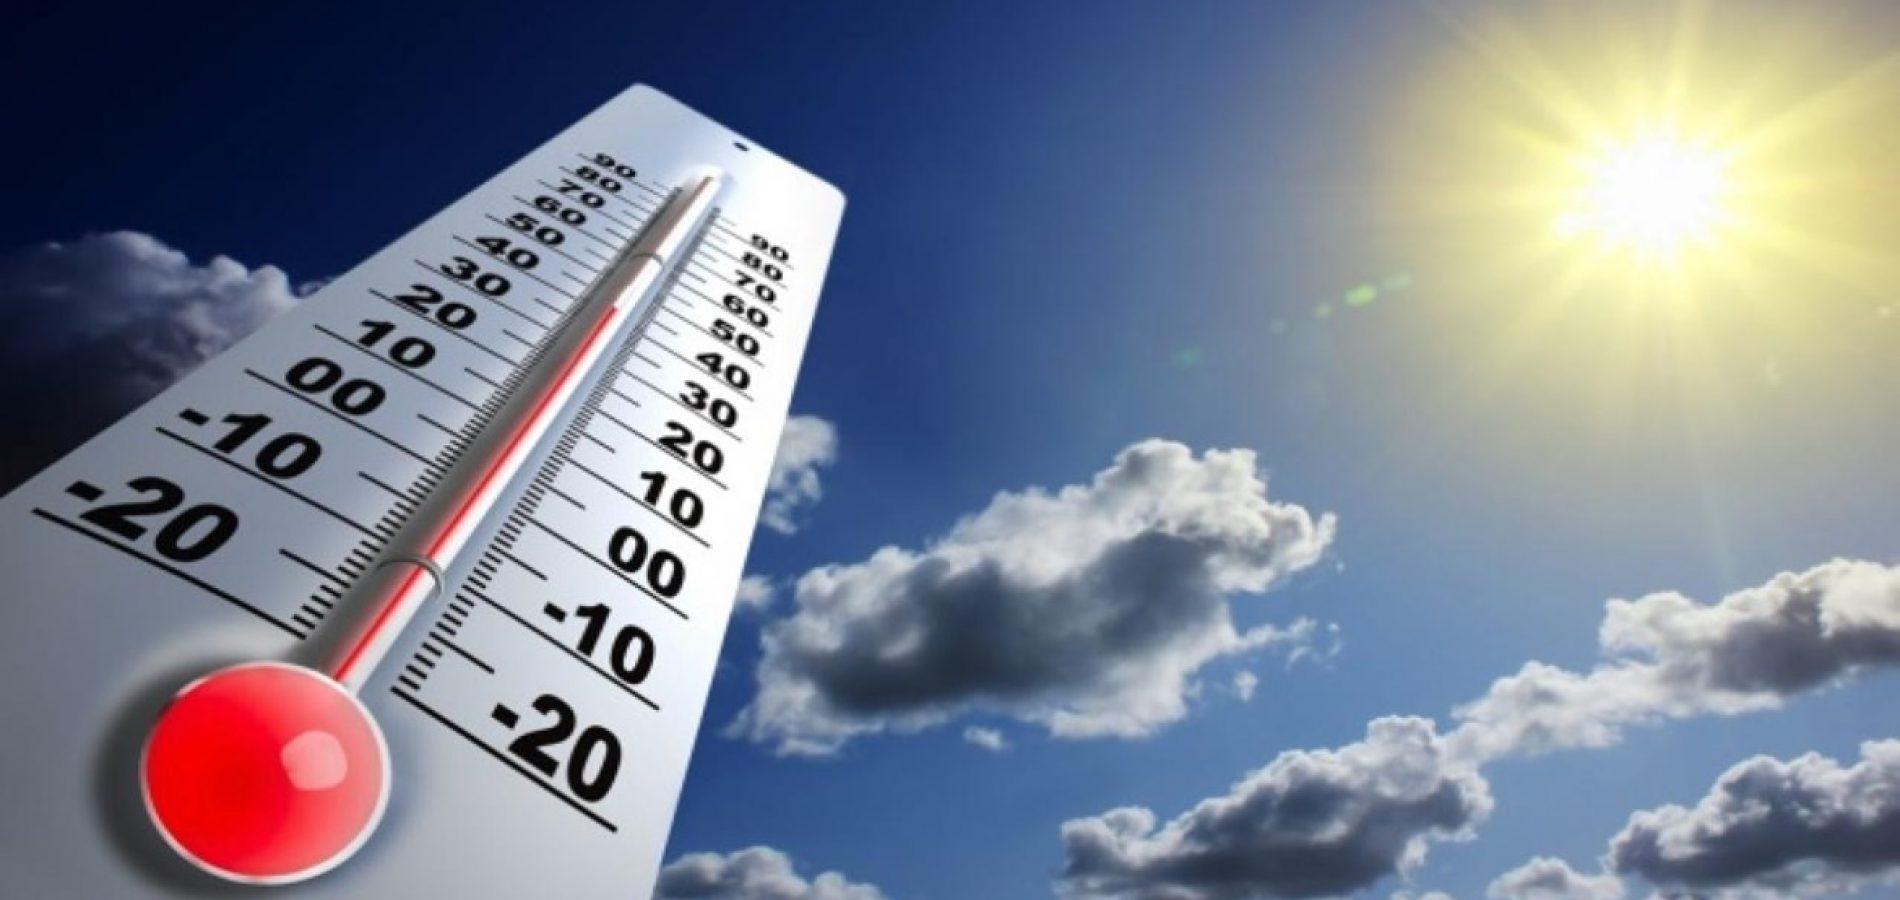 Piauí terá semana de baixa umidade e temperaturas de 41 ºC